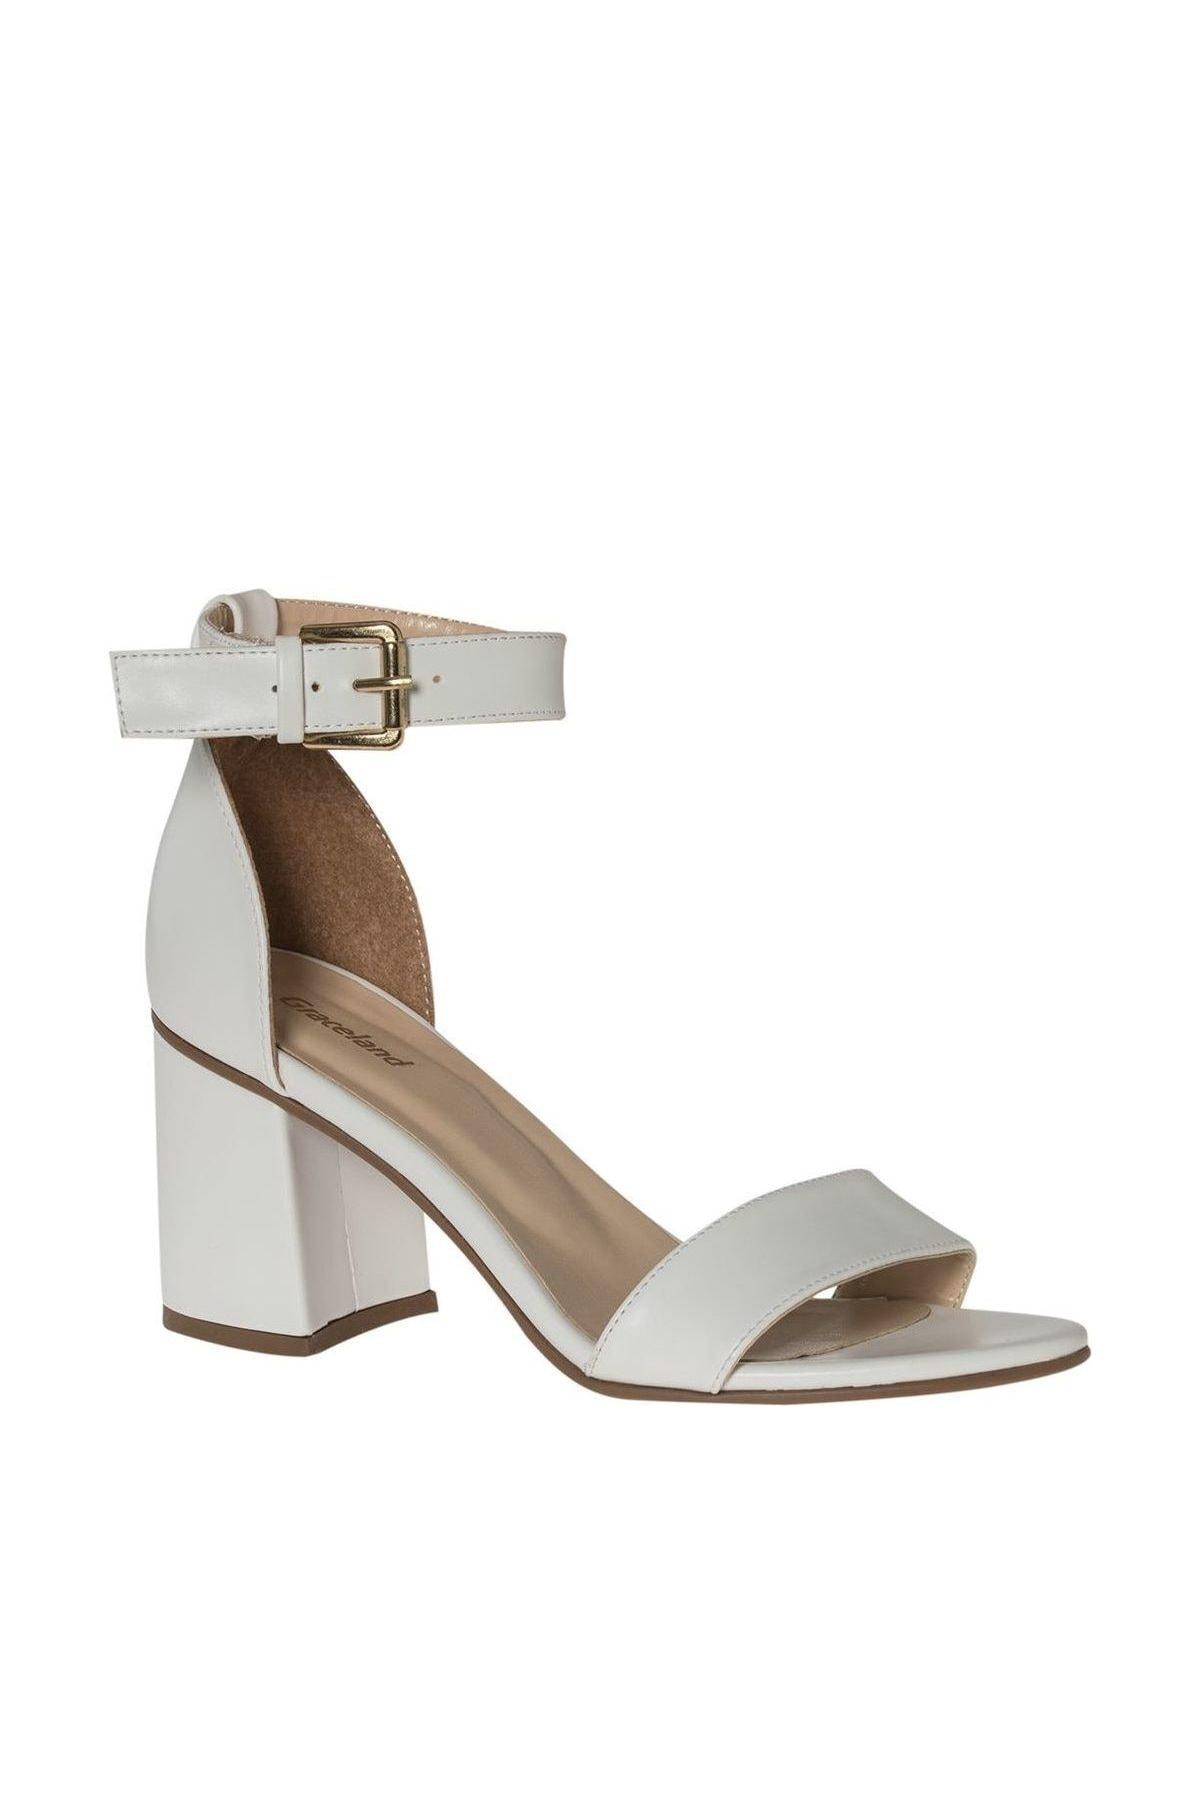 Graceland Deichmann Beyaz Kadın Topuklu Sandalet